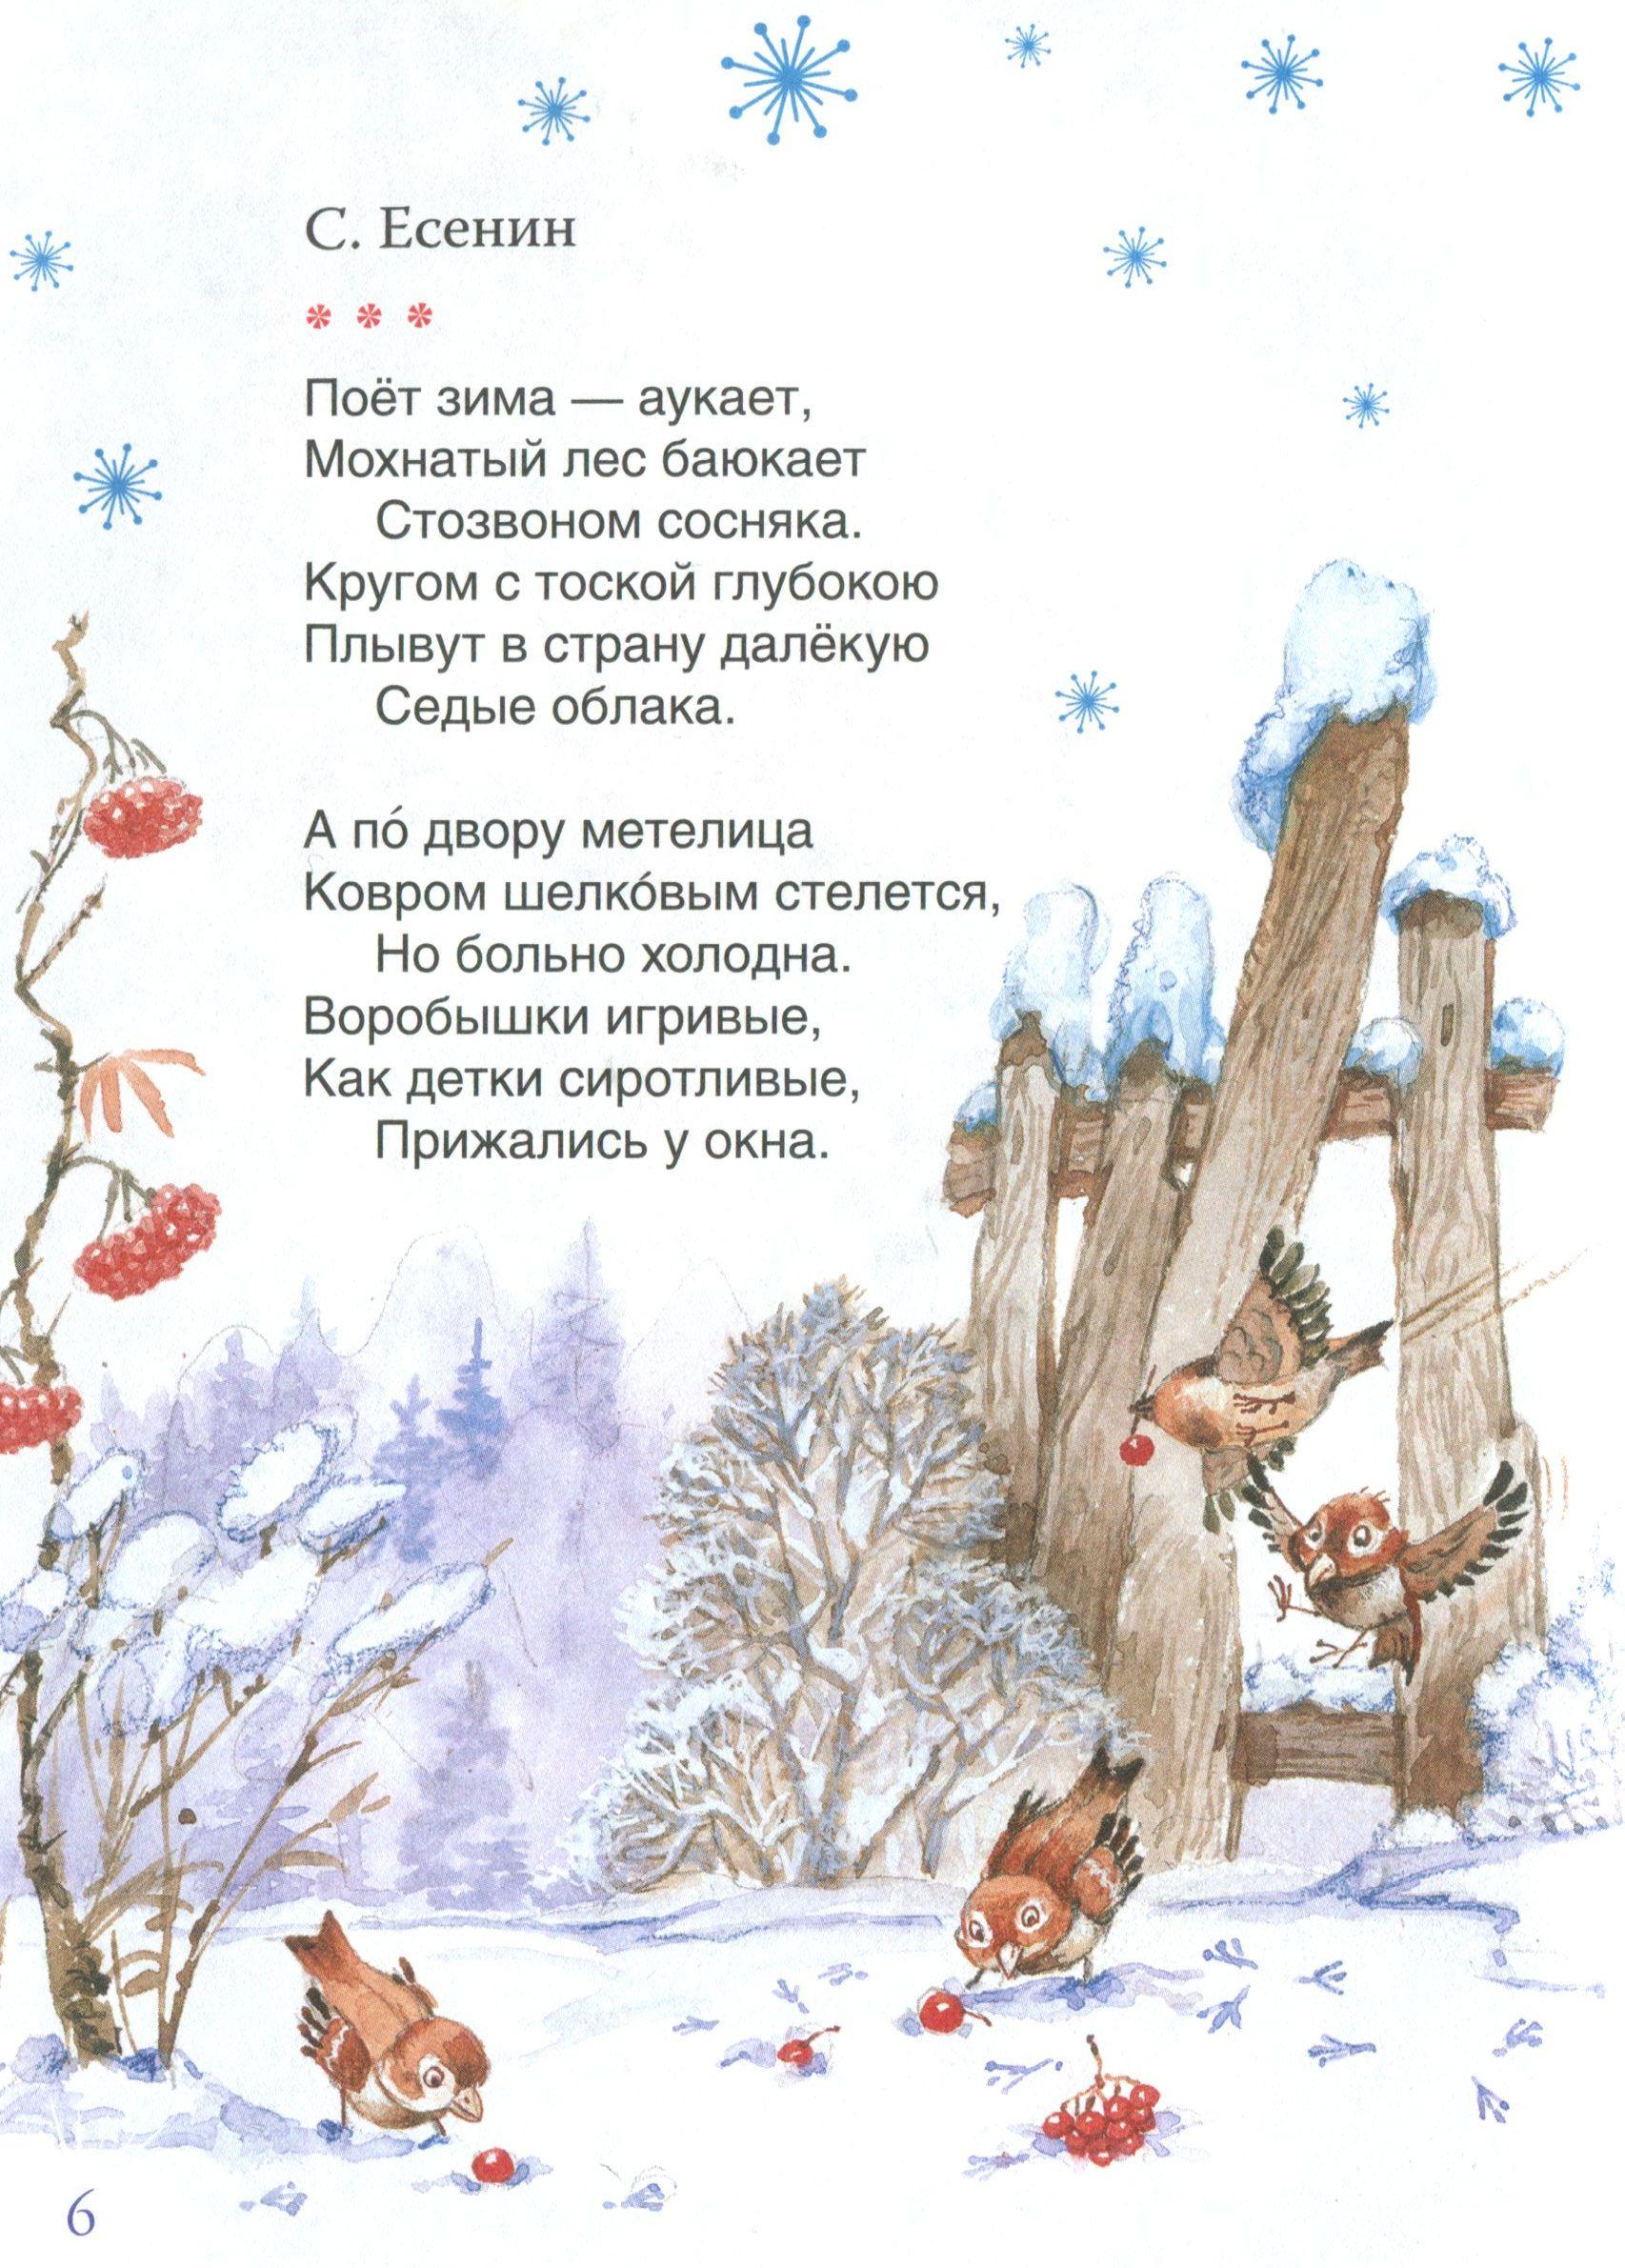 одоевский сказки мороз иванович рисунки к